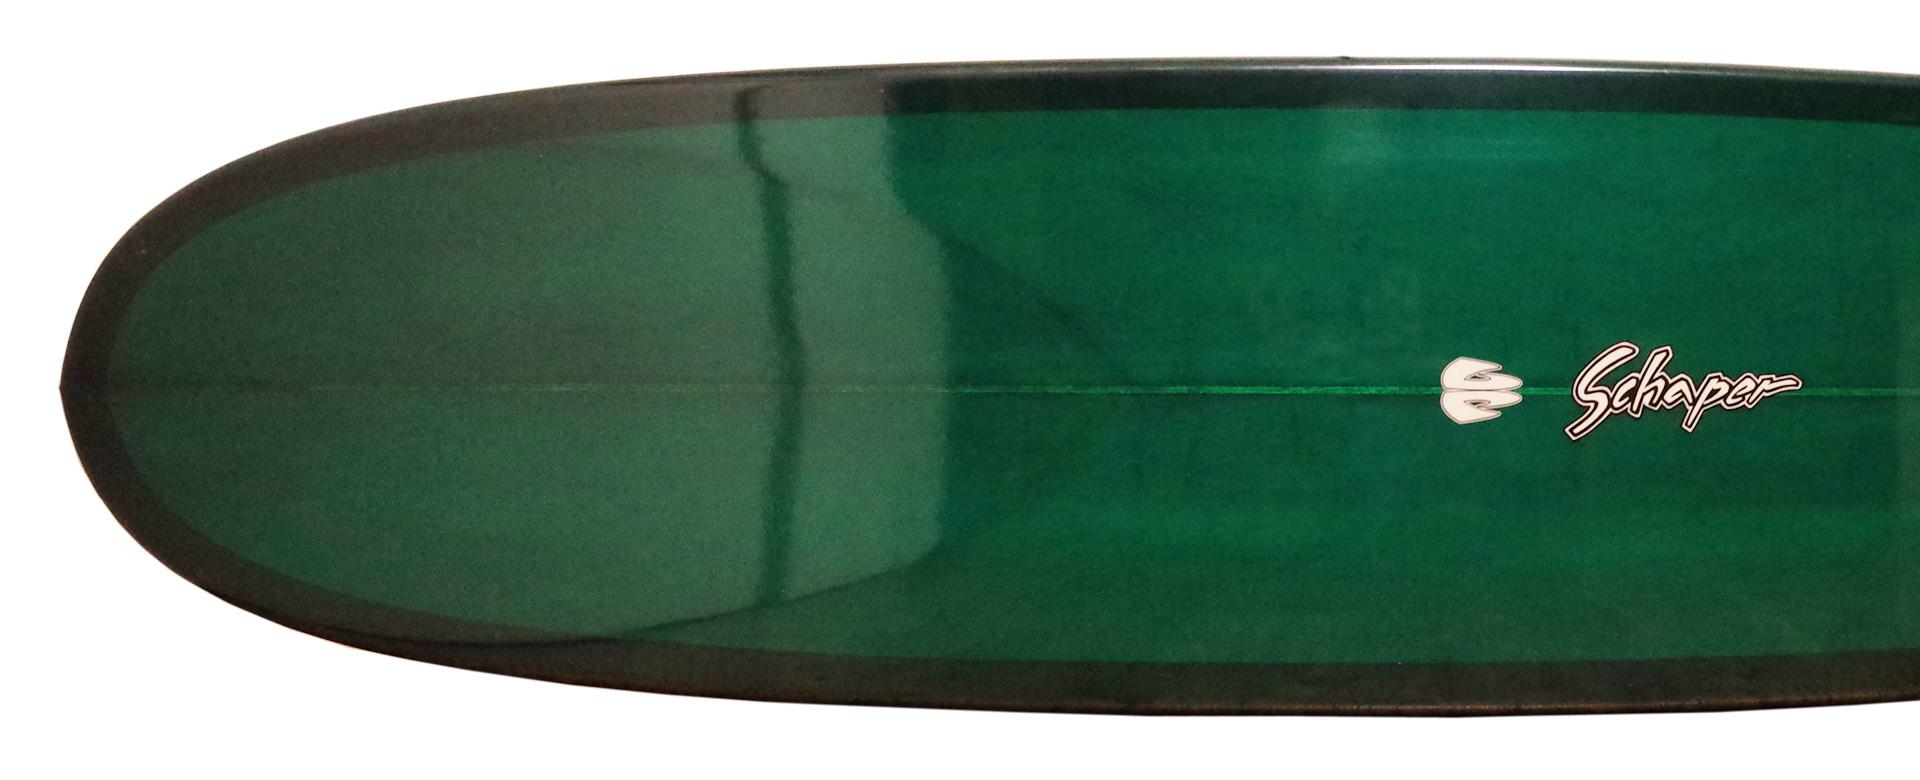 サーフボードのボトムデザイン「ノーズコンケーブ」